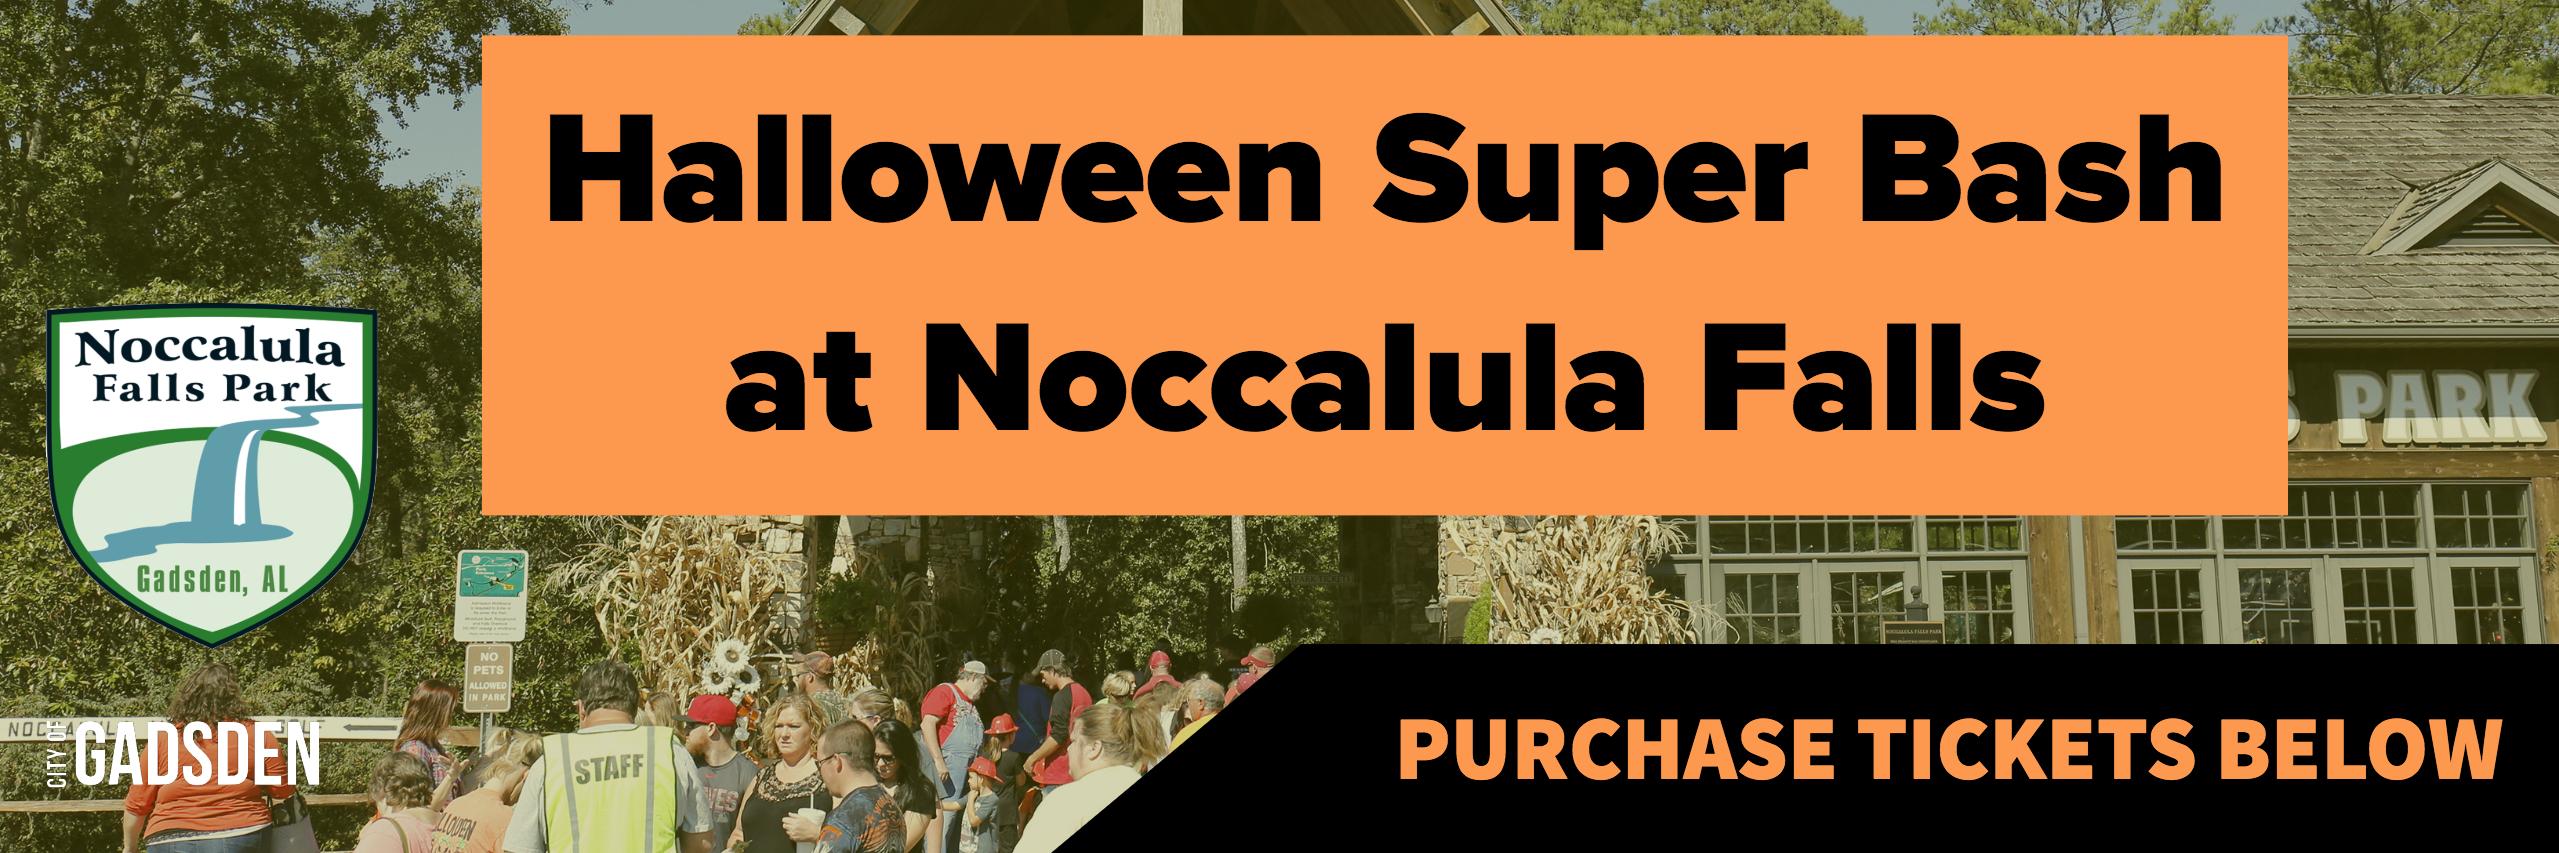 Halloween Super Bash at Noccalula Falls 2018